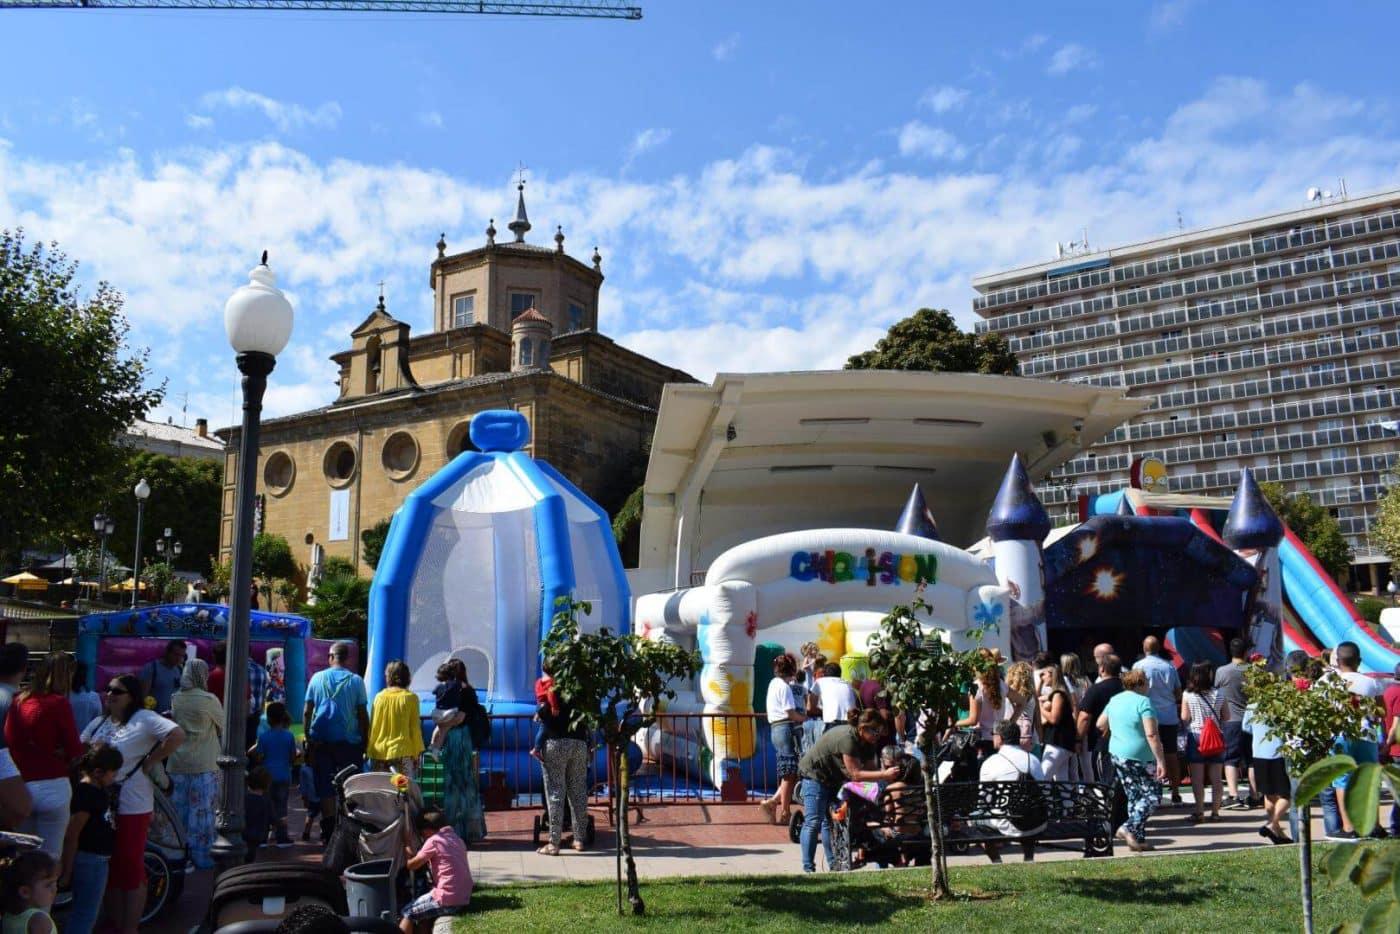 Concurso de lanzamiento de alpargata, fiesta de la espuma y mucha diversión 2